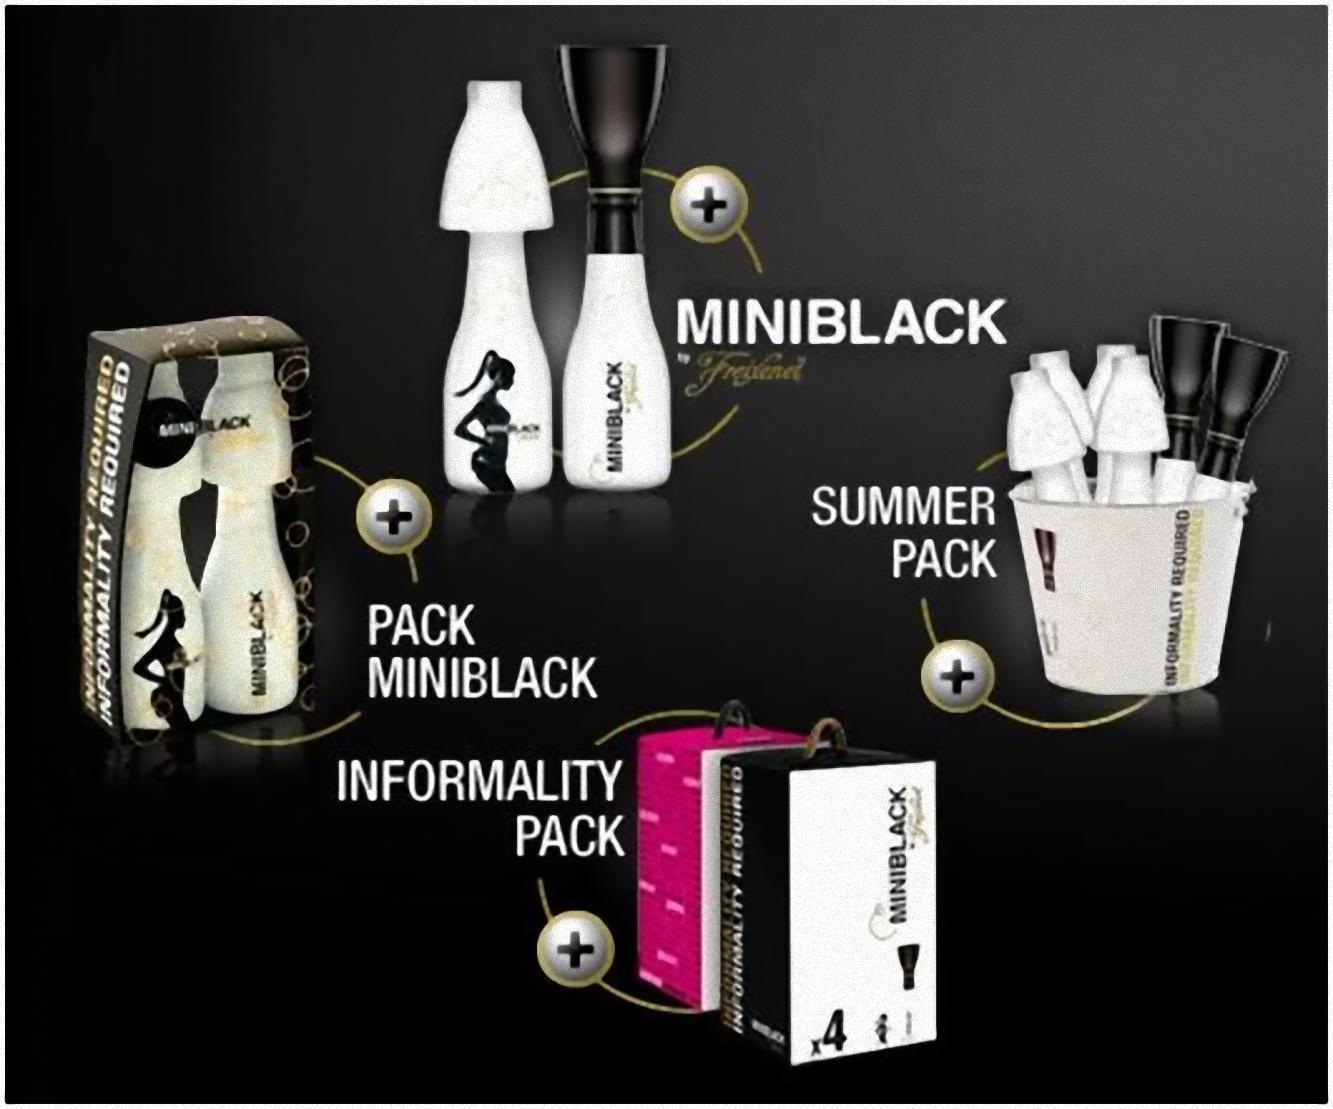 Miniblack by Freixenet